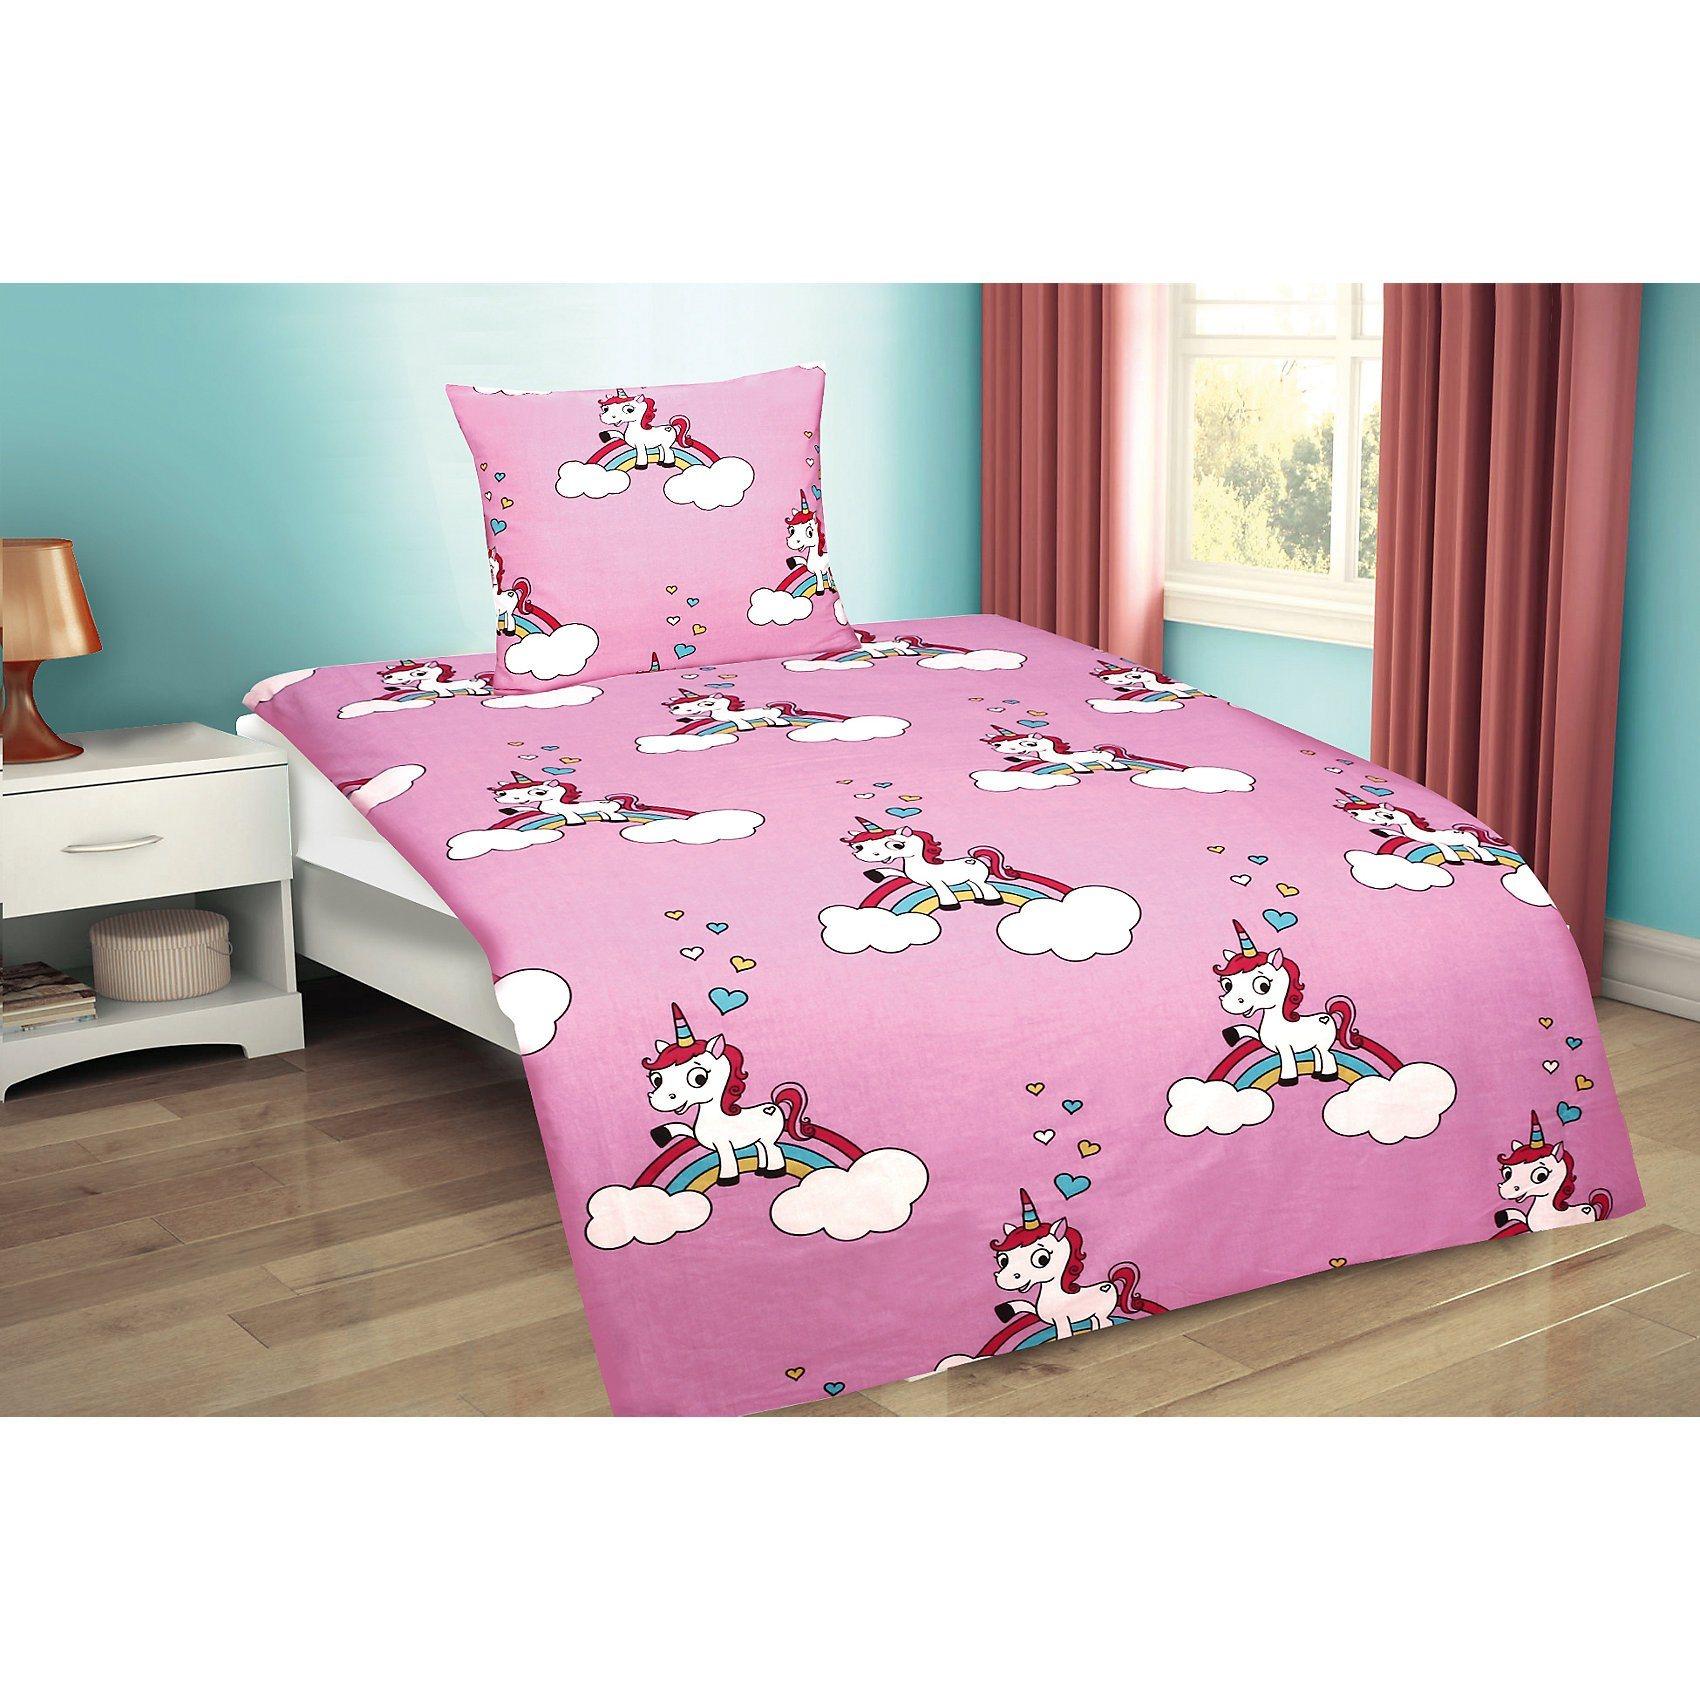 Kinderbettwäsche Einhorn, Crétonne, 135 x 200 cm | Kinderzimmer > Textilien für Kinder > Kinderbettwäsche | Baumwolle